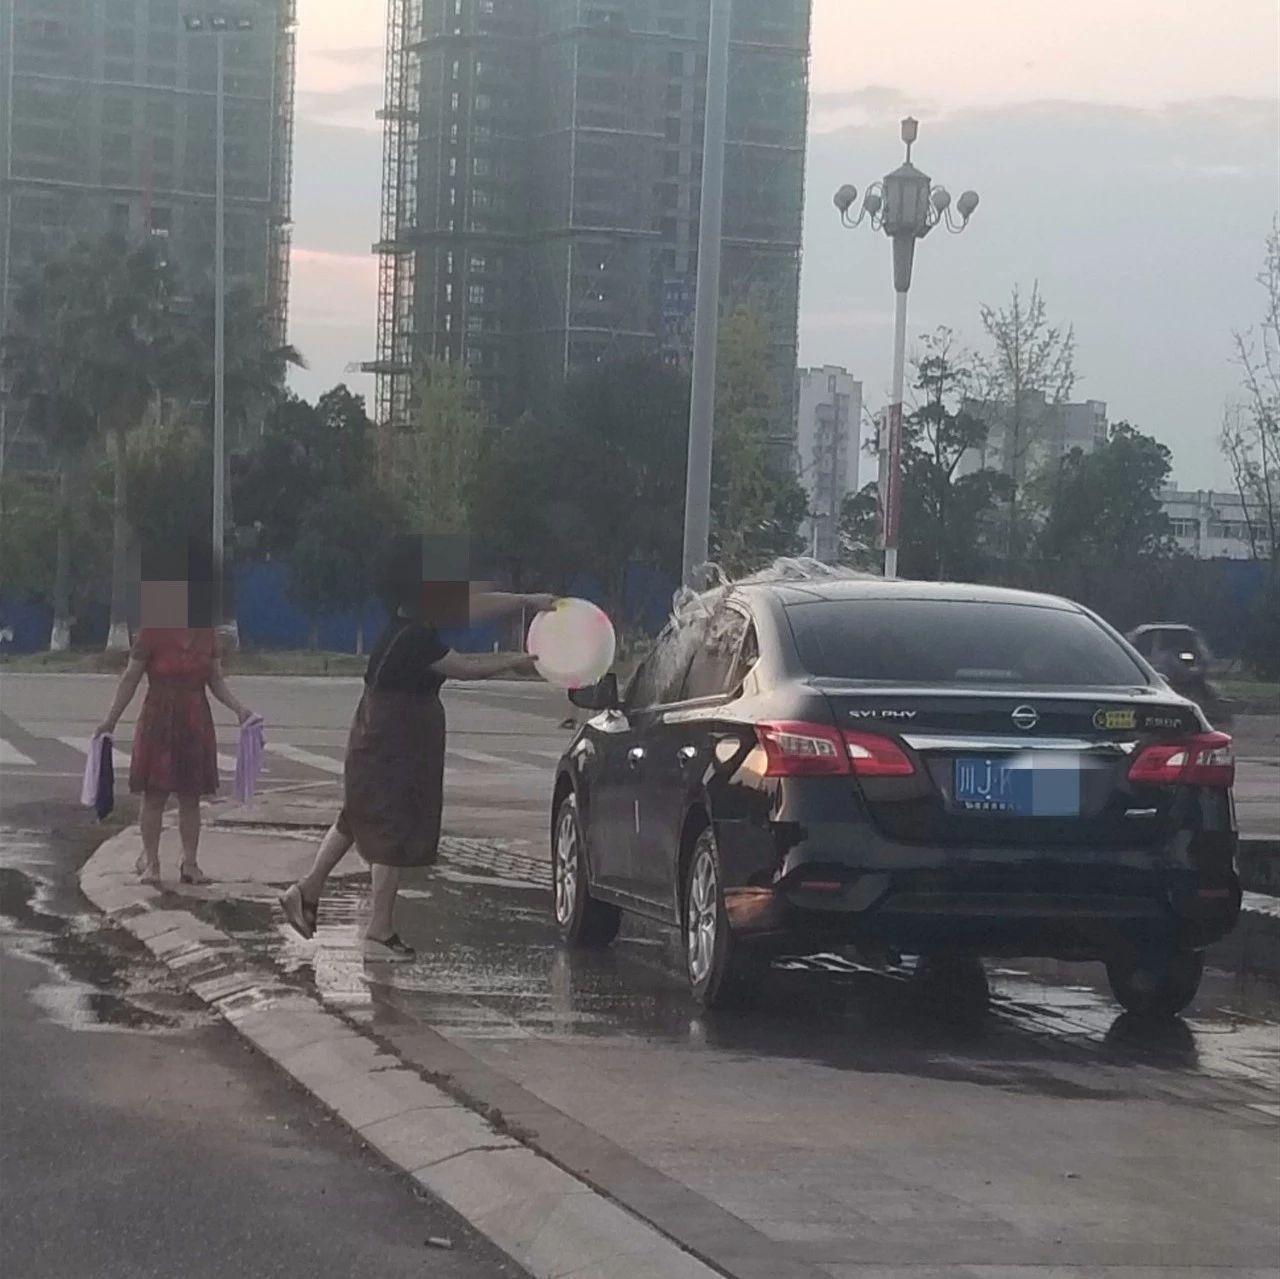 害臊不?这些蓬溪人路边晾衣服,景观池洗车,素质呢?